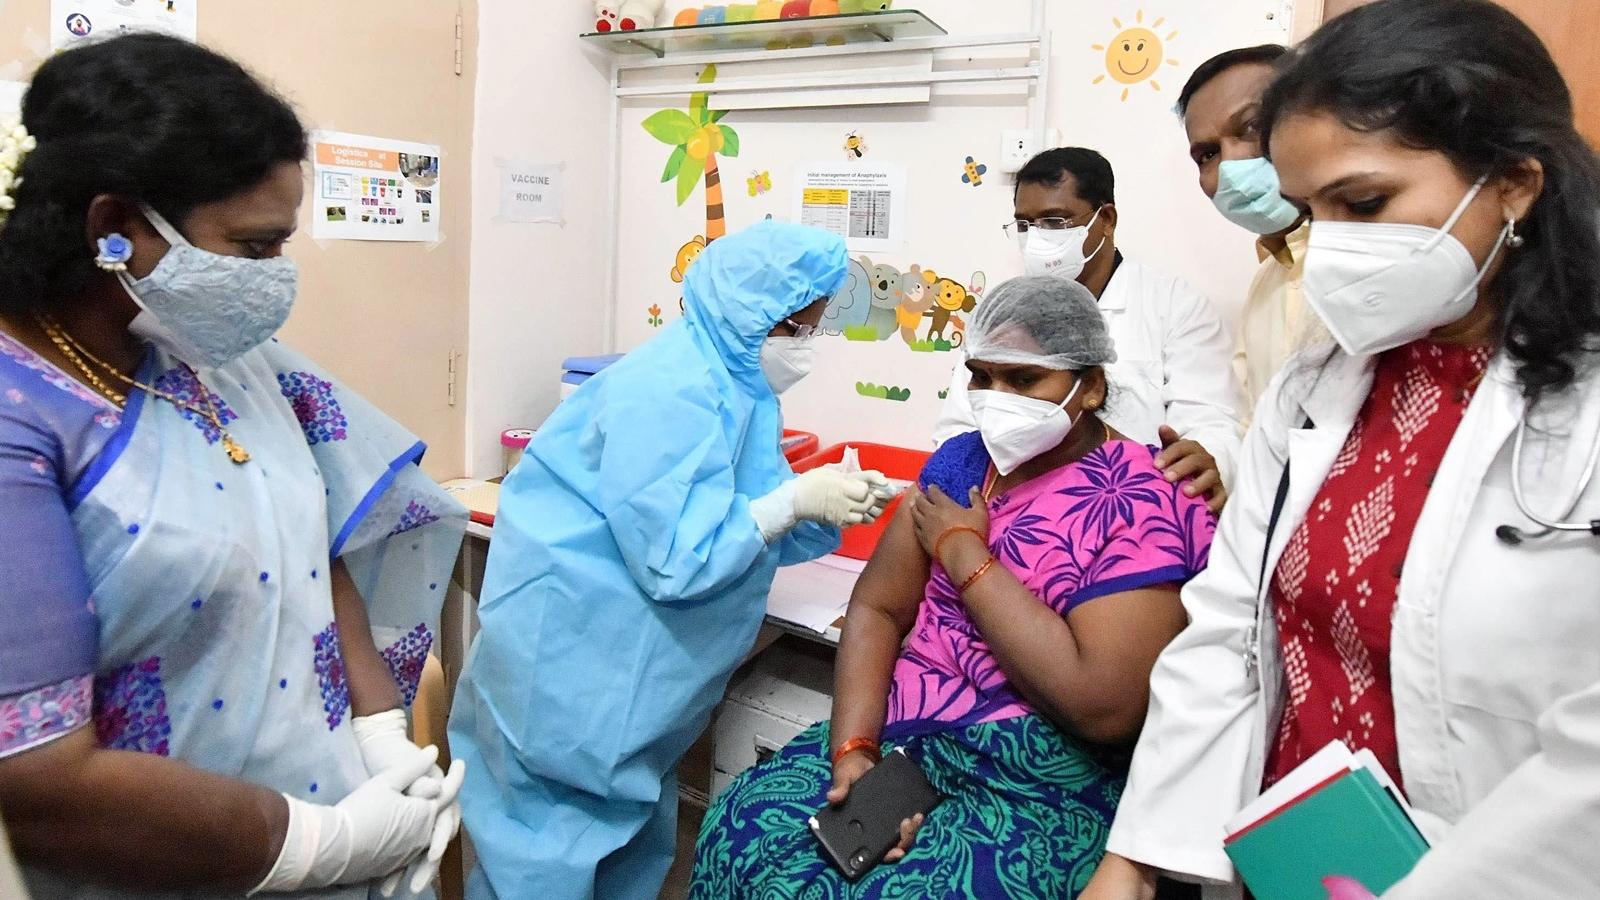 Ấn Độ chính thức cấp phép sử dụng khẩn cấp có giới hạn cho 2 loại vaccine Covid-19